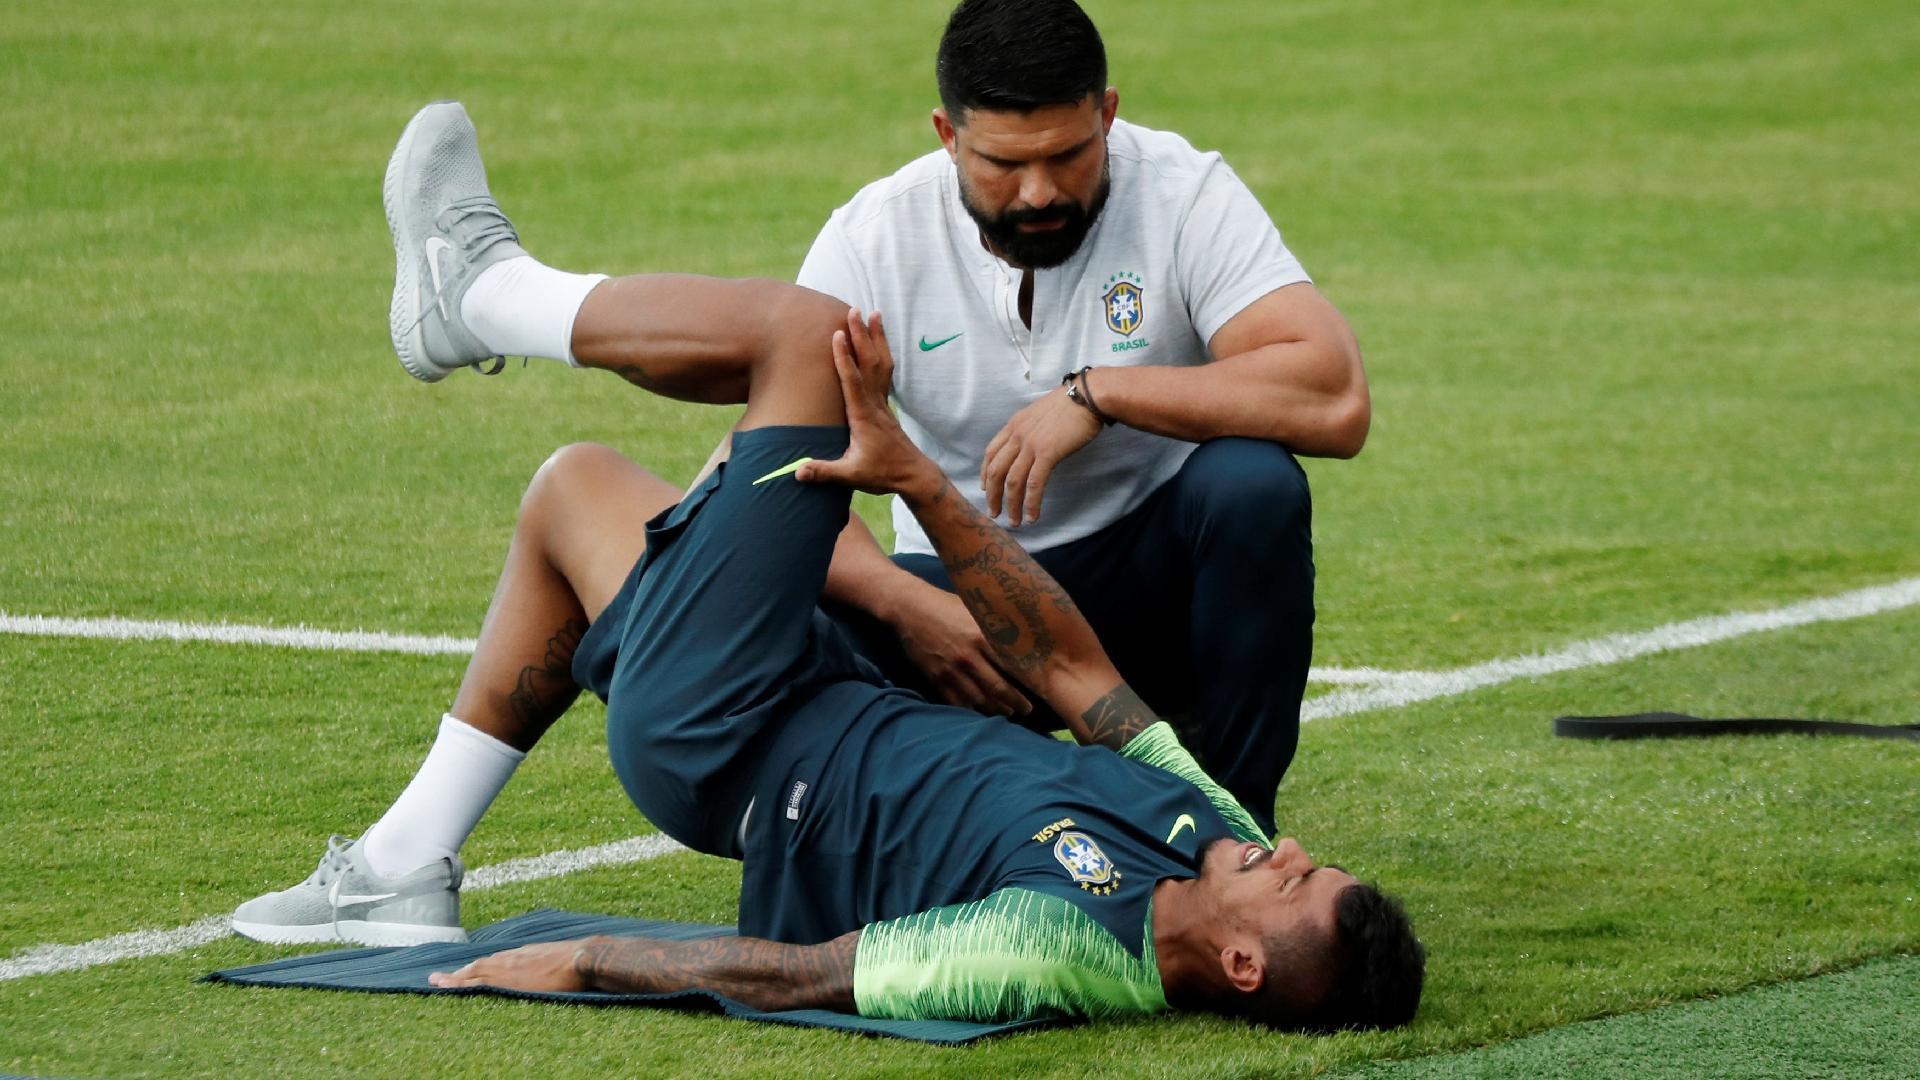 Com dores na lombar, Paulinho faz atividade com fisioterapeuta Bruno Mazziotti no treino da seleção brasileira